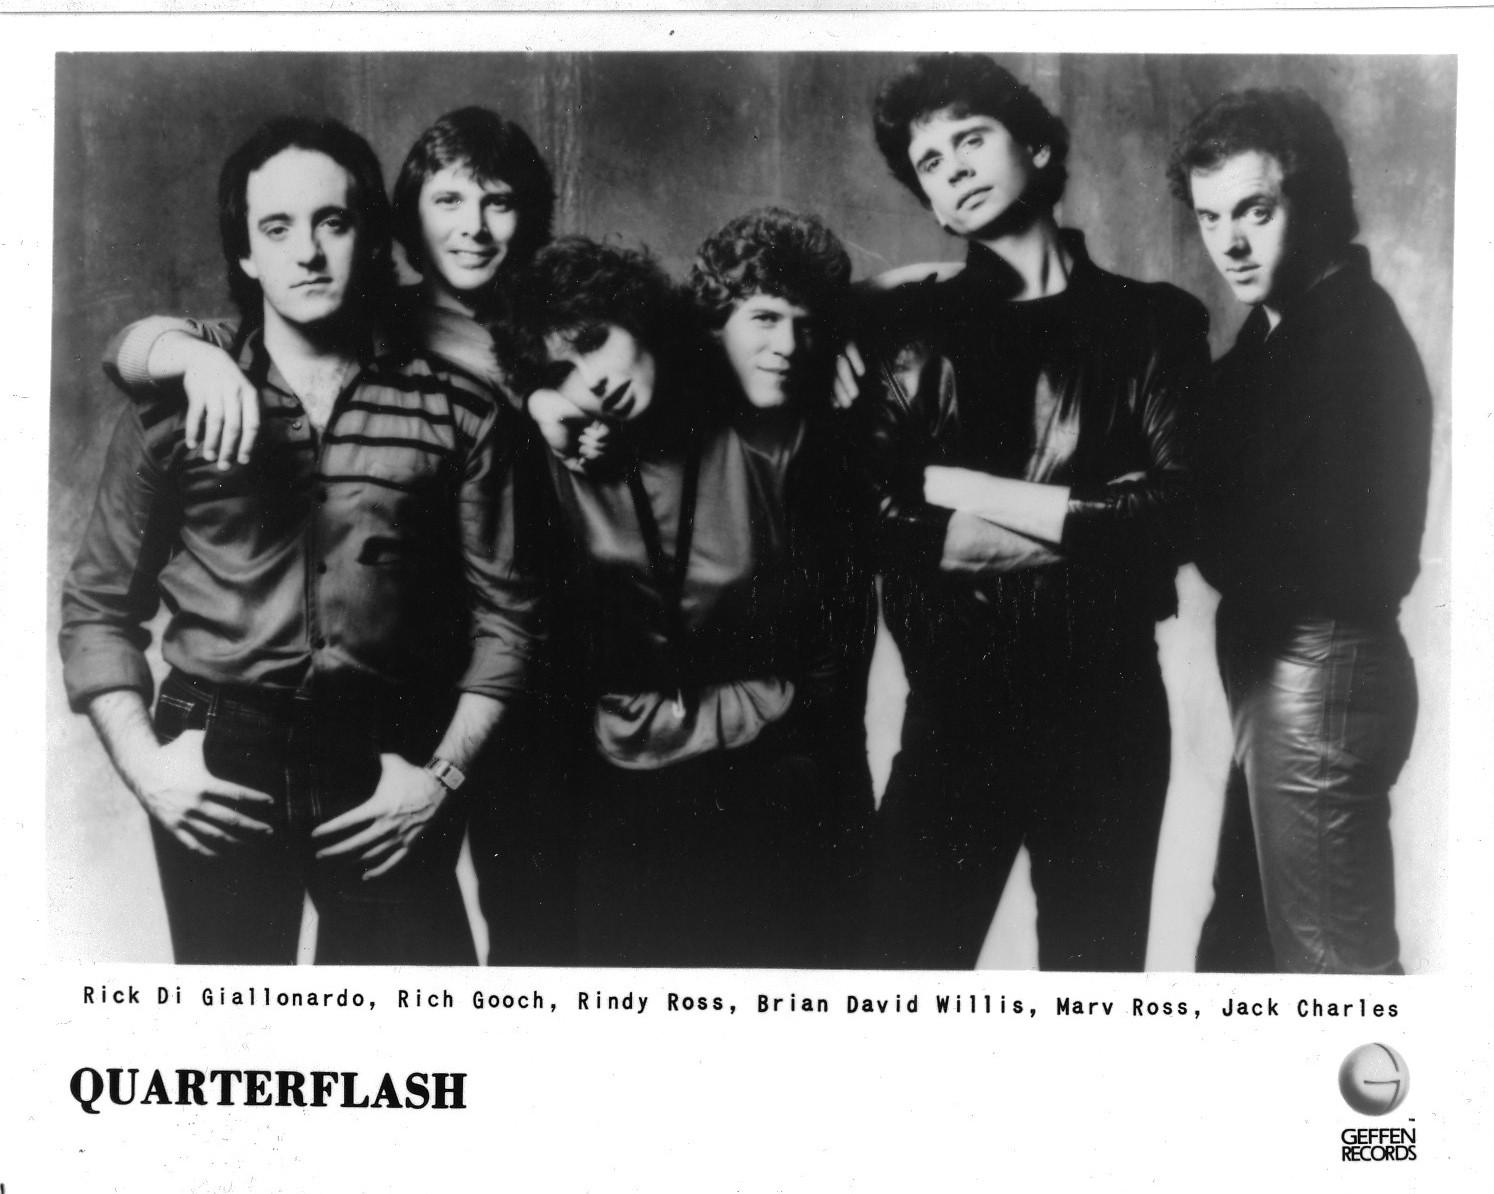 quaterflash